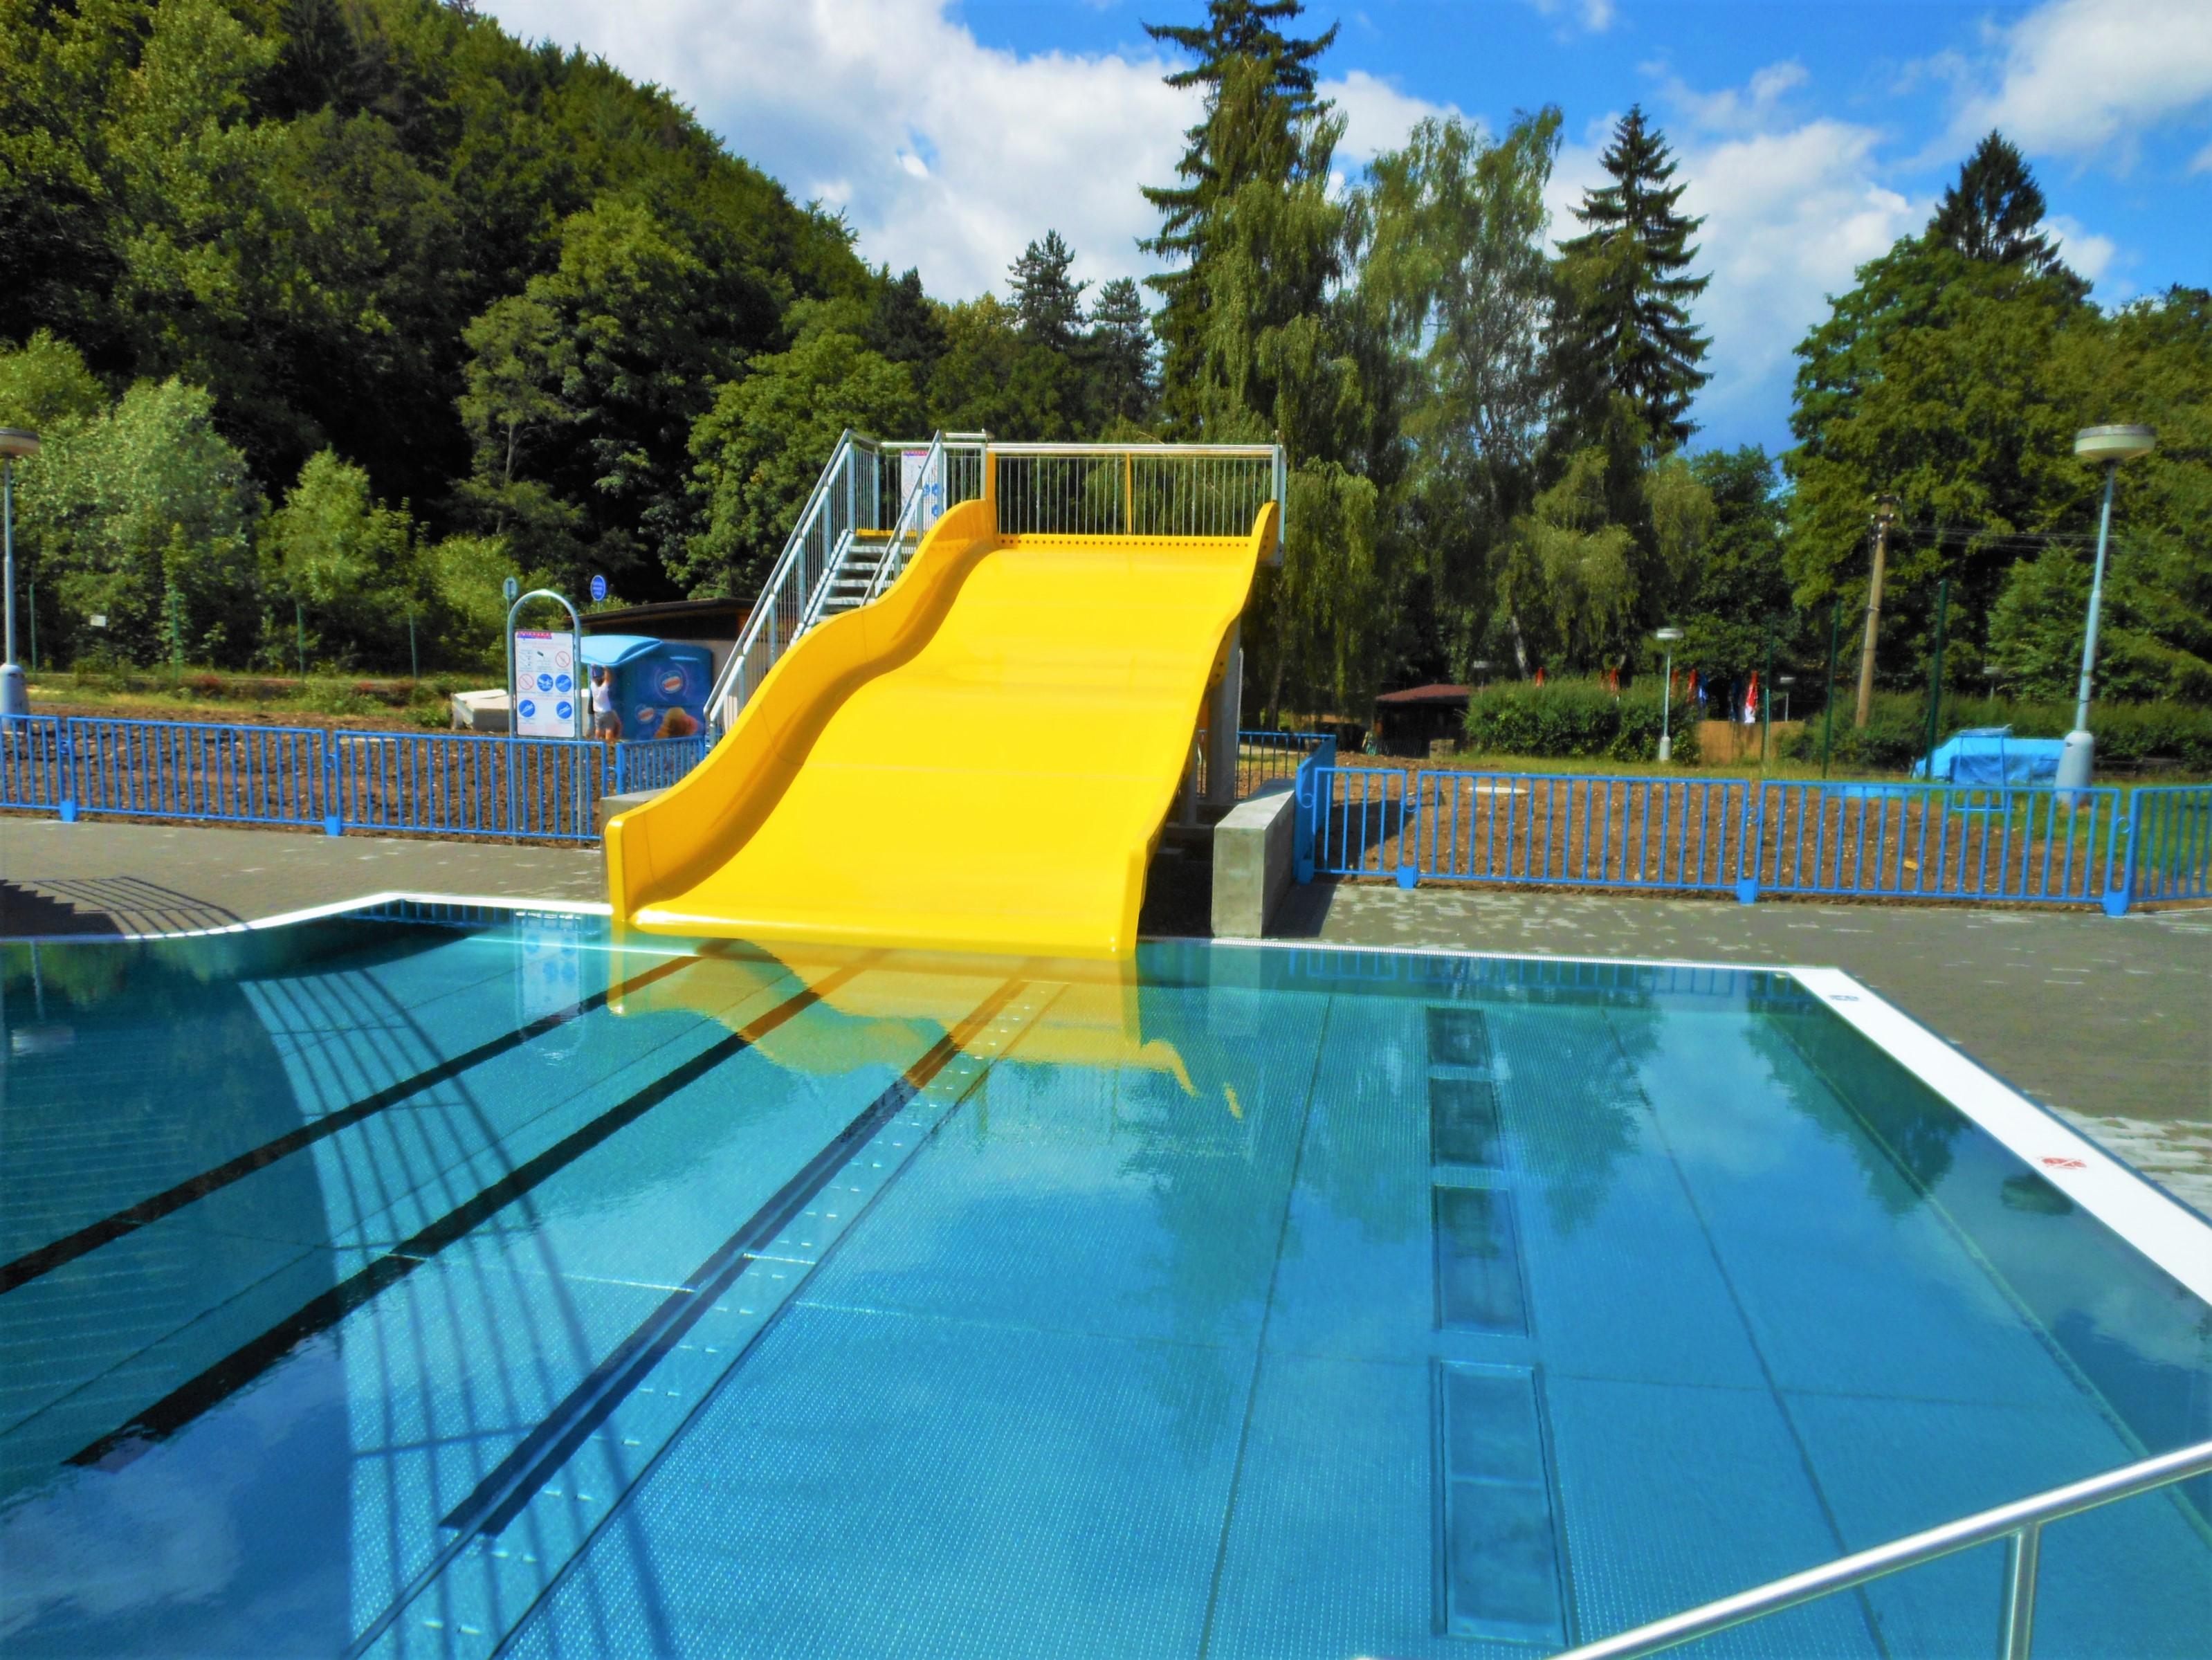 Bazénové technologie pro Rožnovské koupaliště v Rožnově pod Radhoštěm